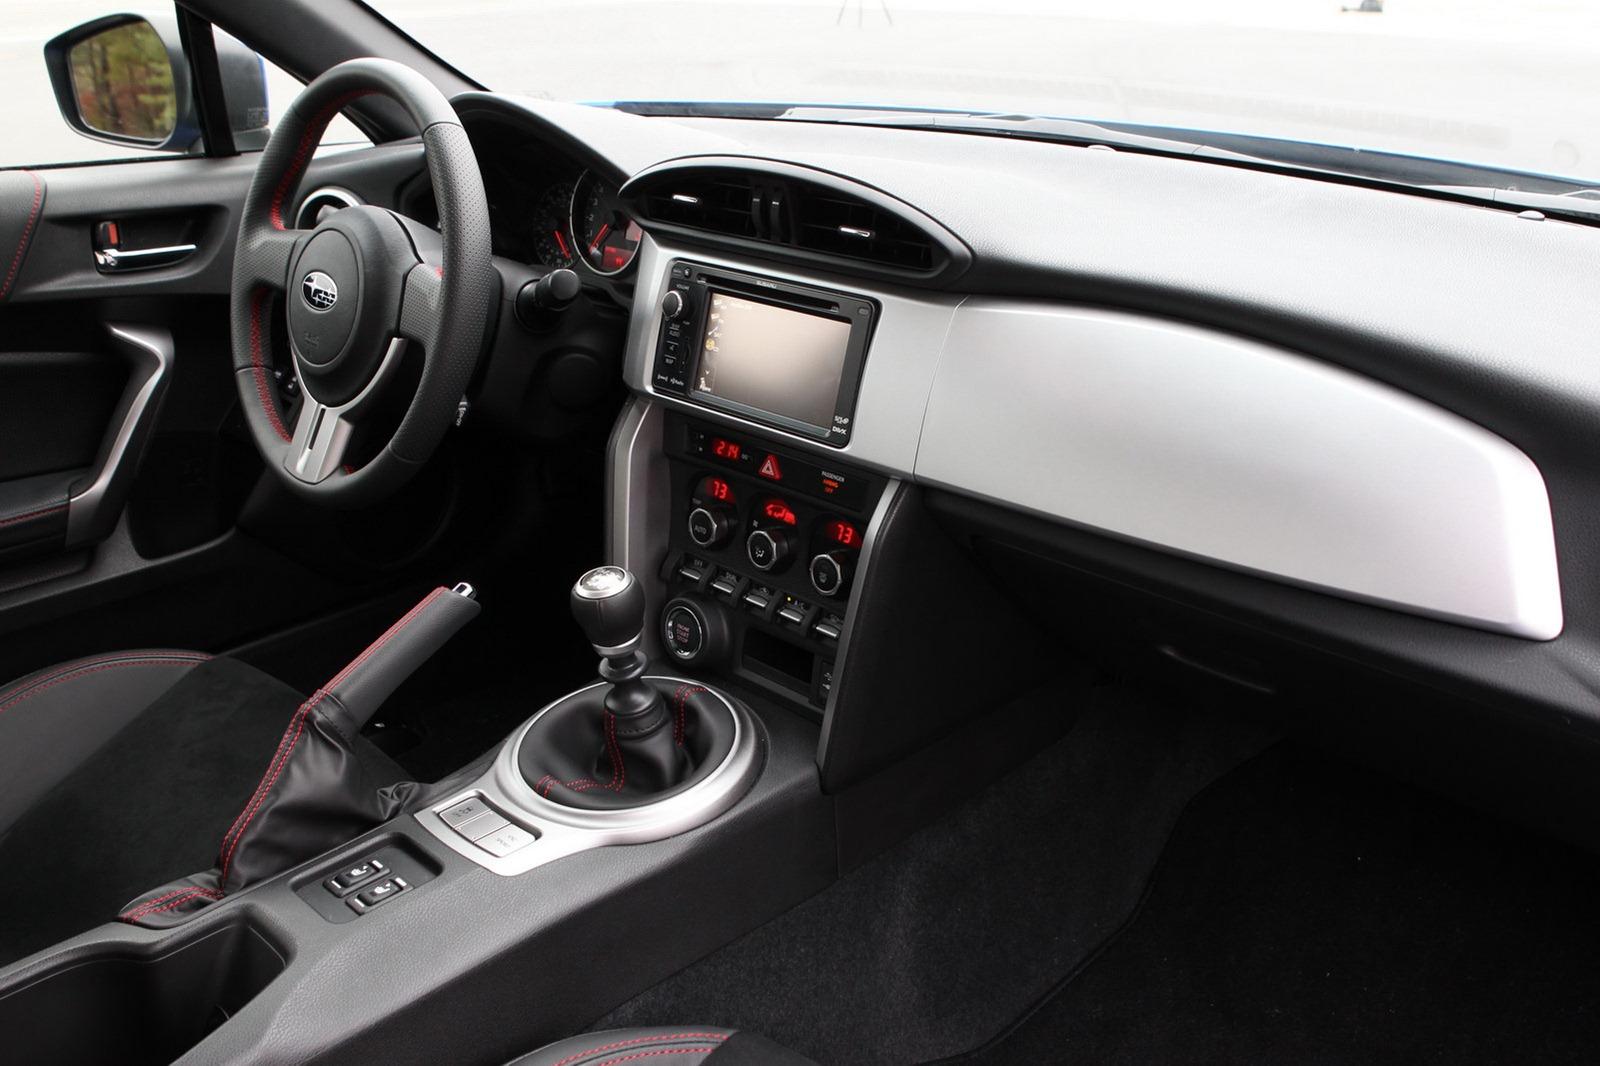 2013-Subaru-BRZ-Coupe-Interior-1.jpg?imgmax=1800